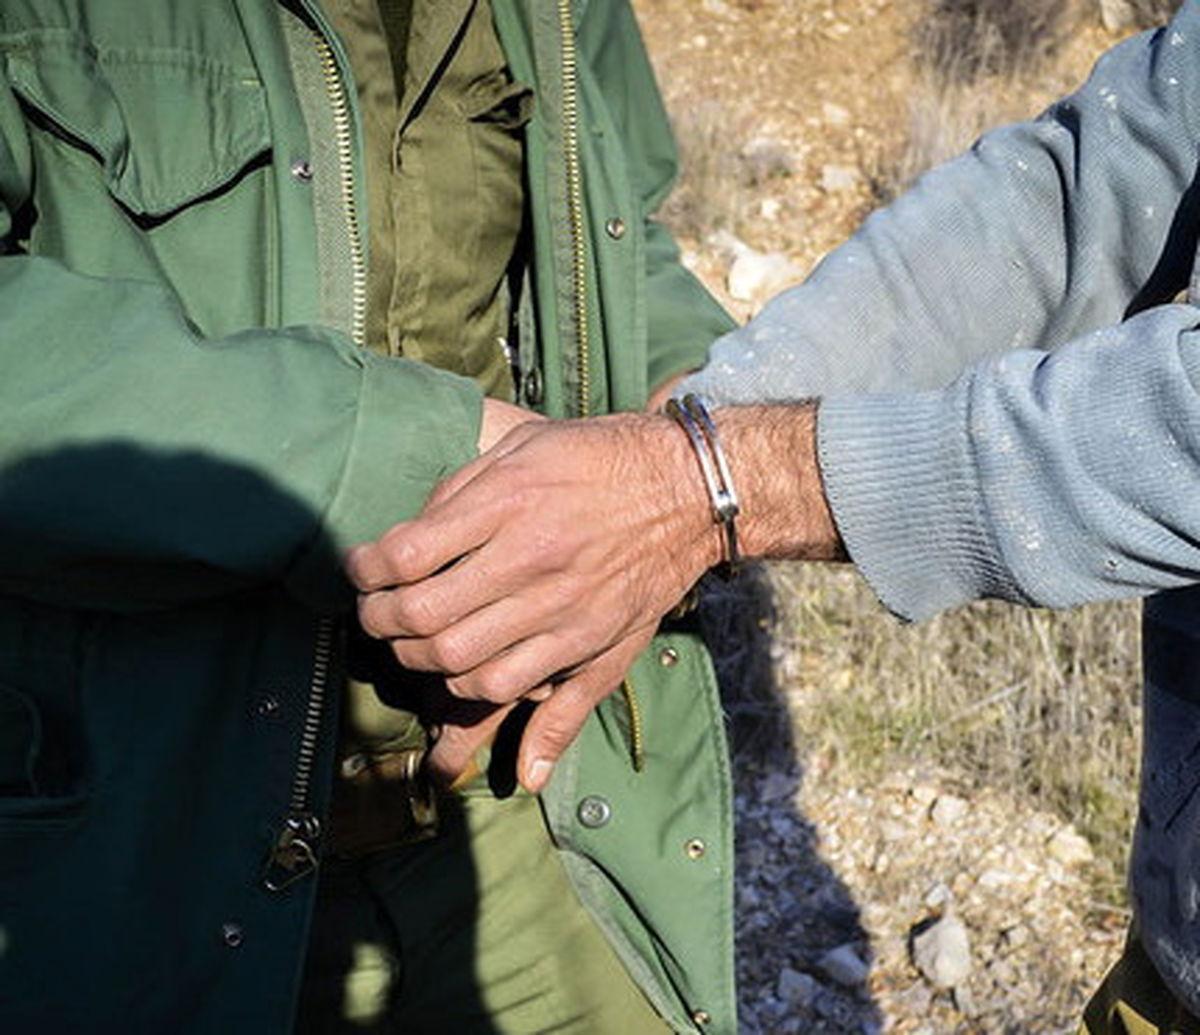 شکارچی غیرمجاز در شهرستان خلخال دستگیر شد